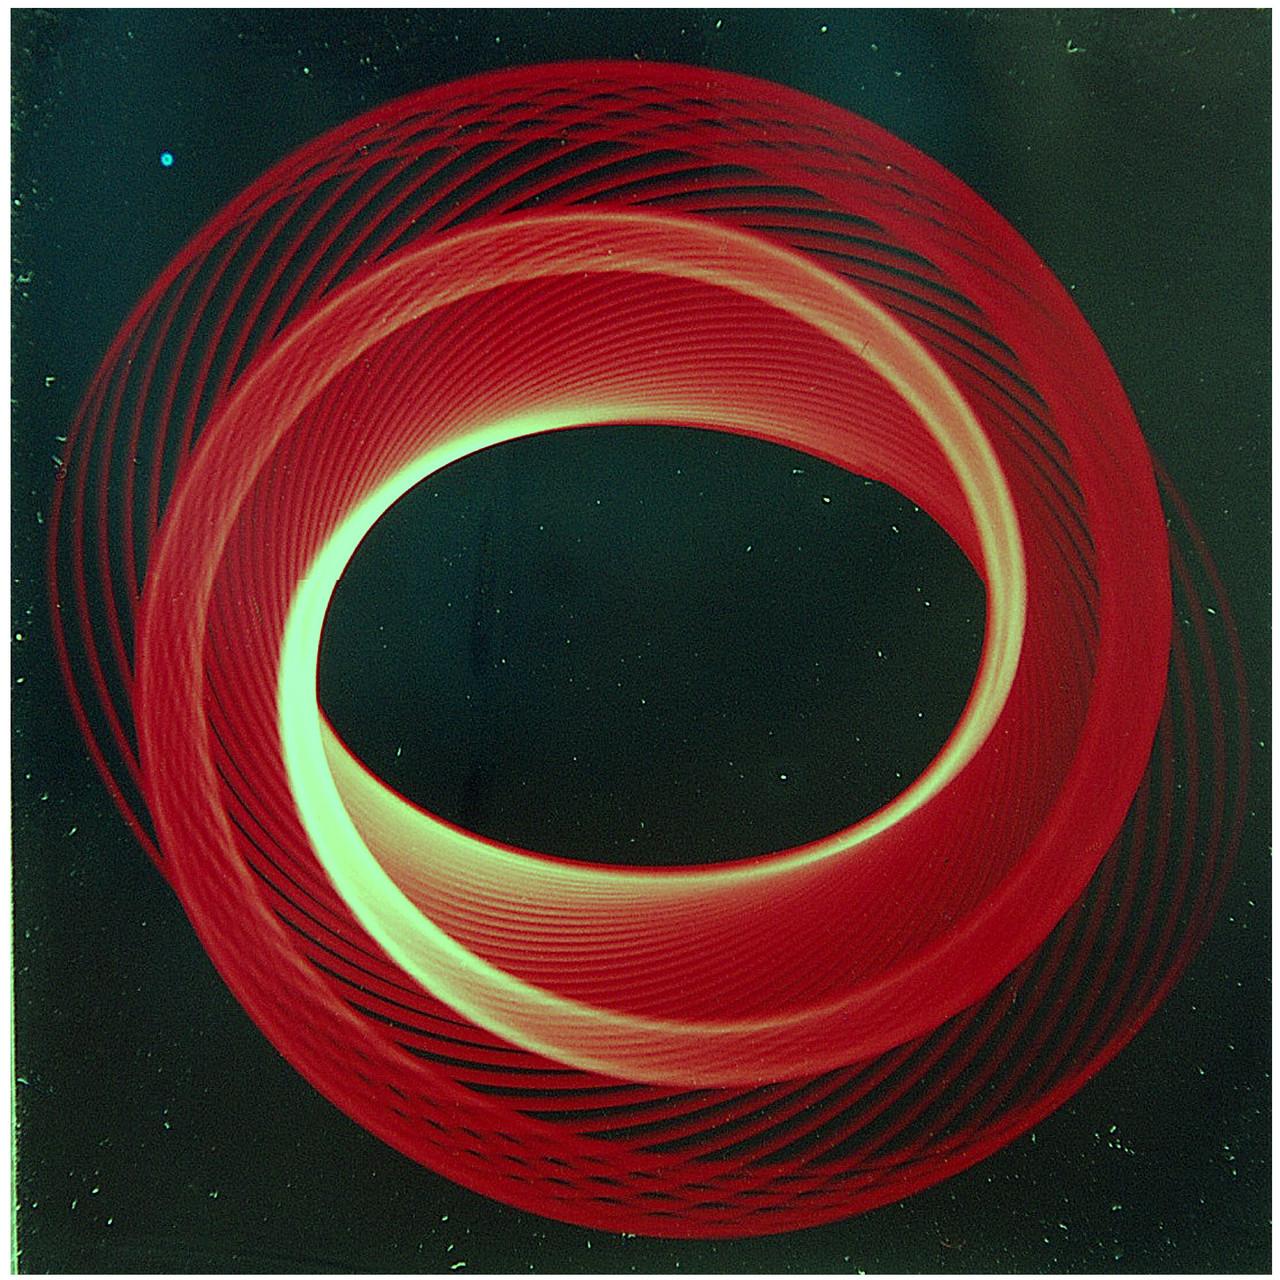 Spiralgalaxie